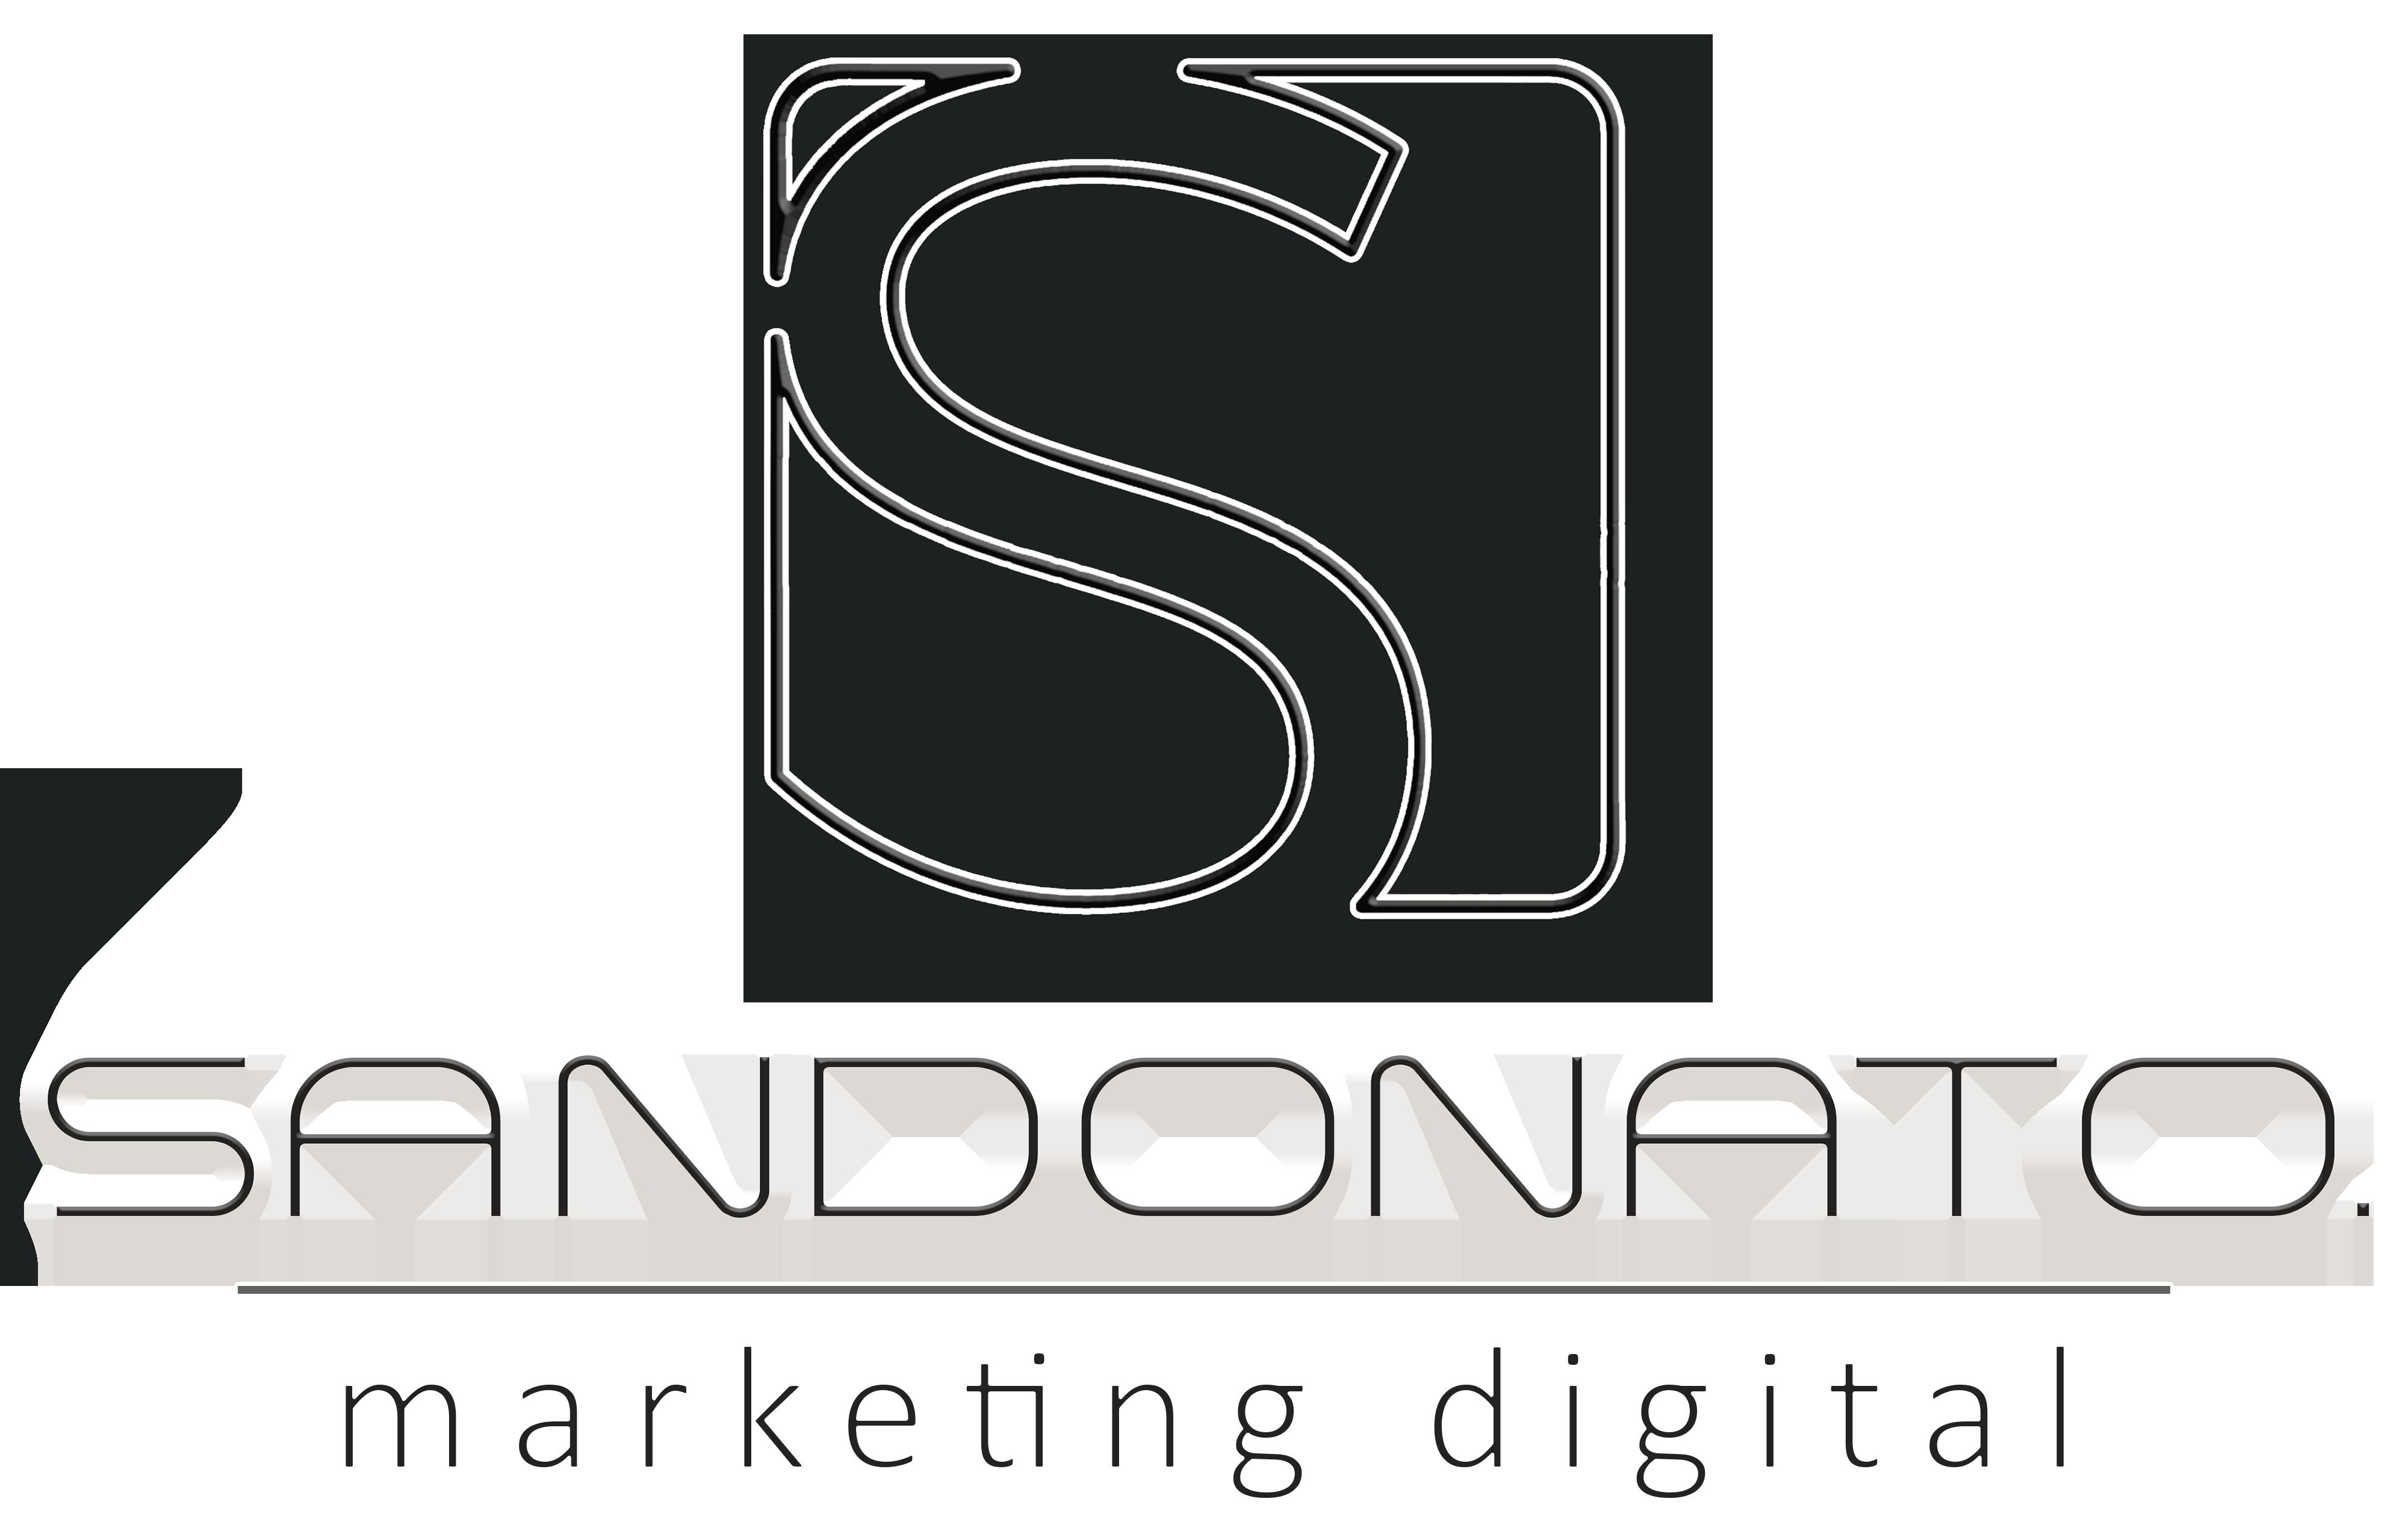 logo sandonato marketing digital recortado